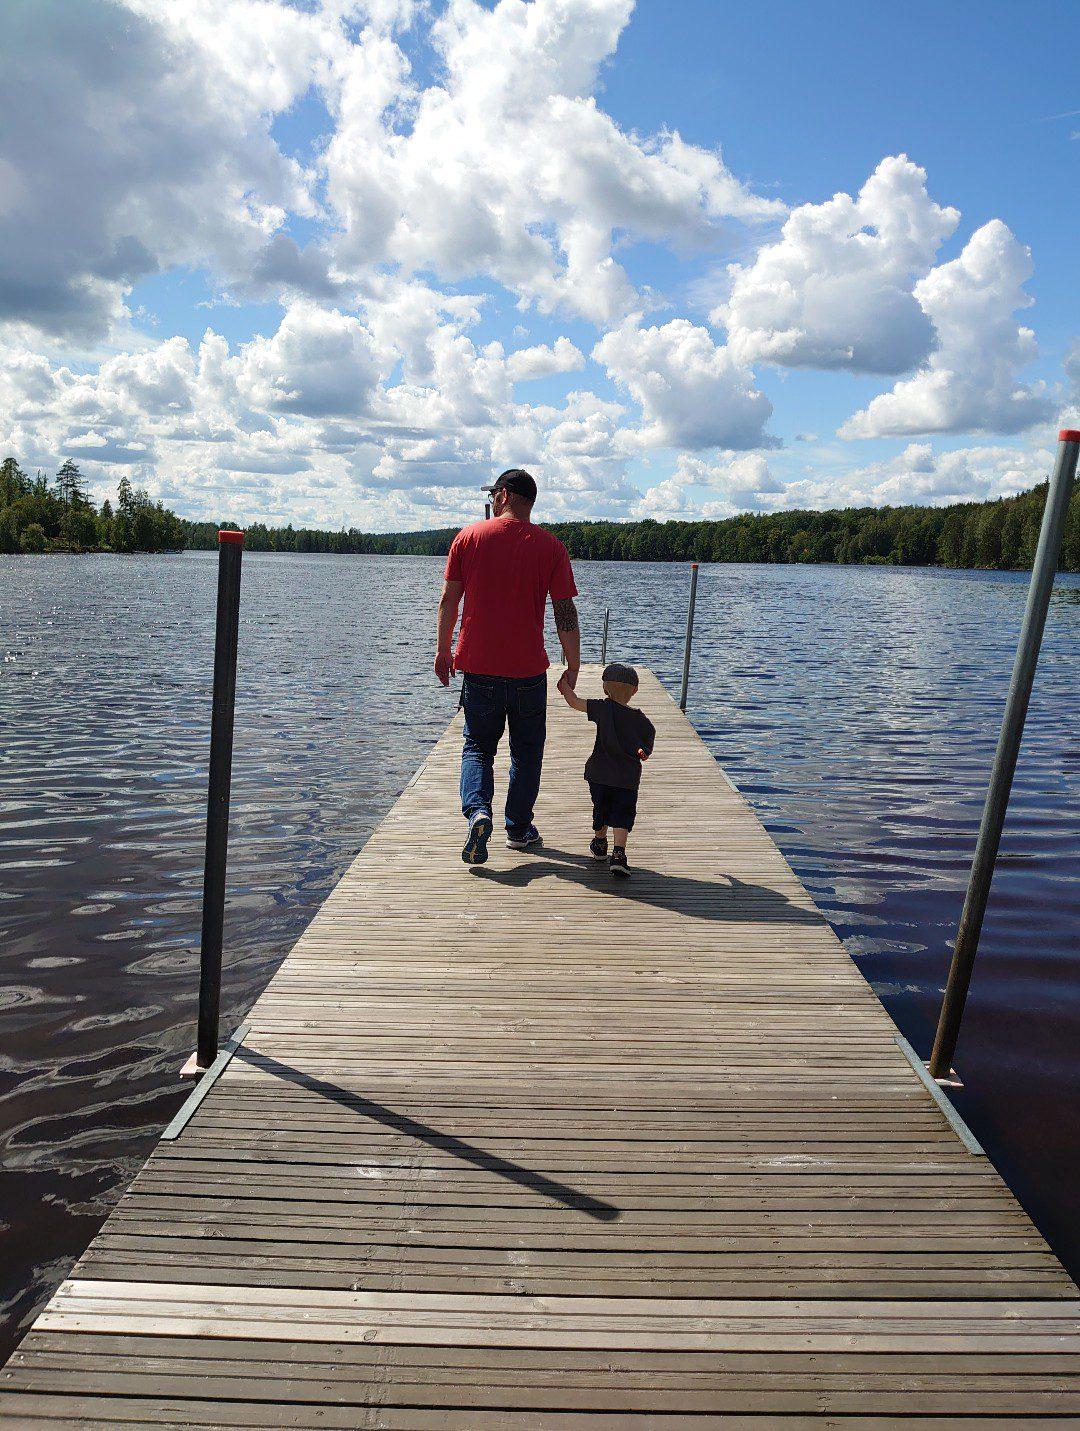 Pappa och son på brygga en sommardag